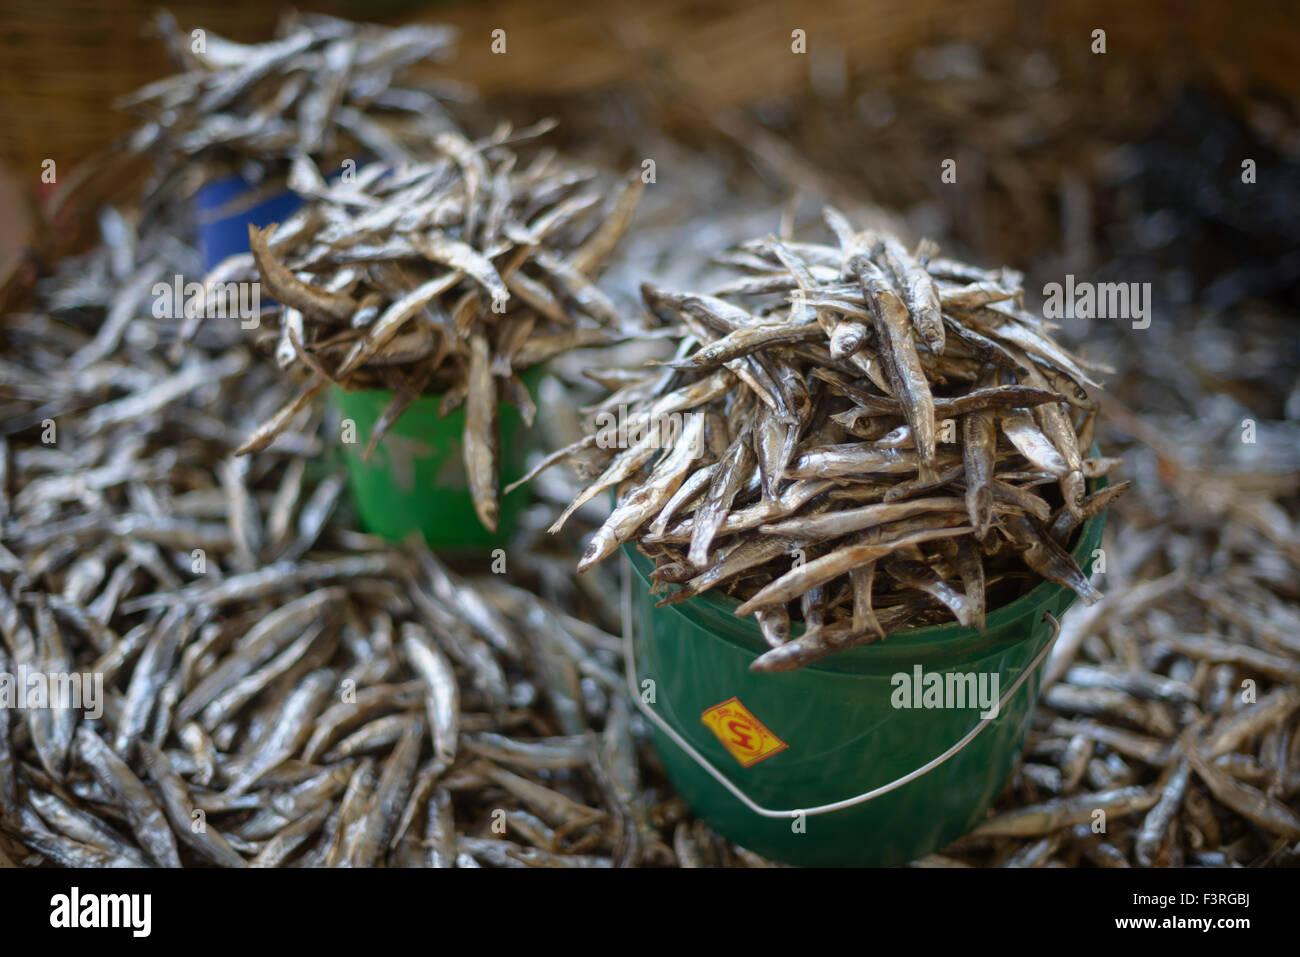 Marché aux poissons en plein air au bord du lac Malawi, Malawi, Afrique Banque D'Images